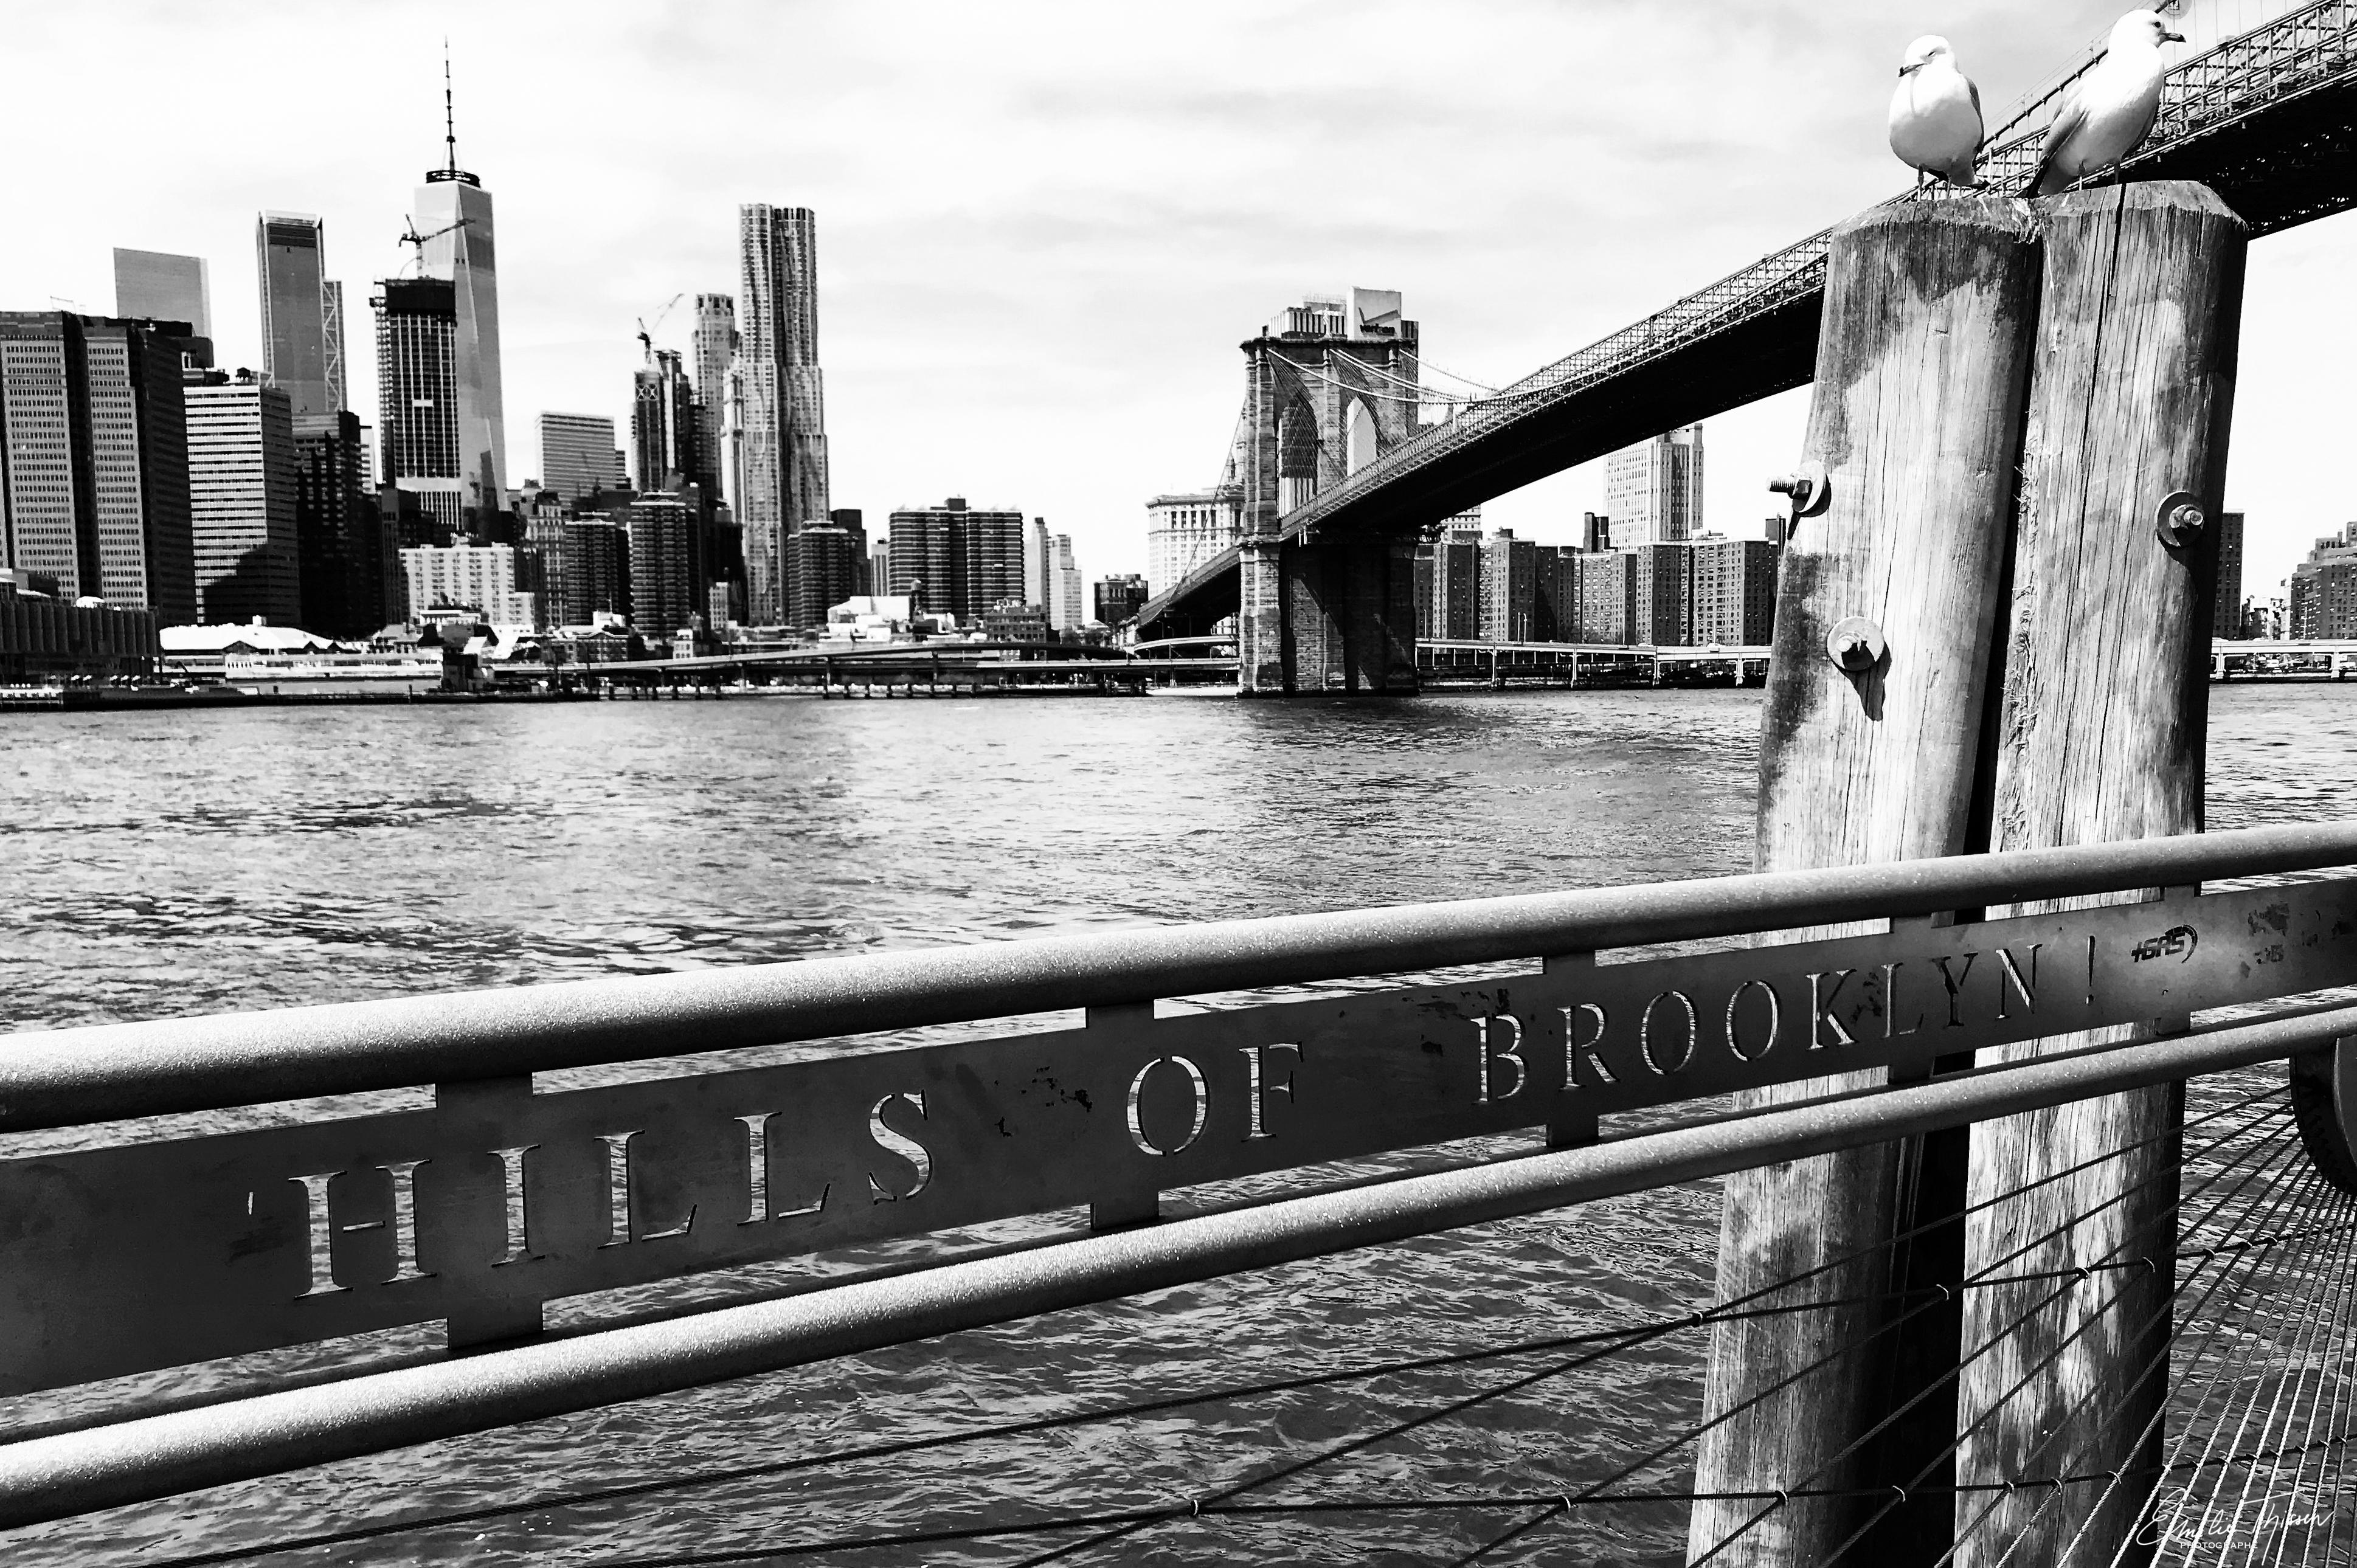 Brooklyn (U.S.A.)